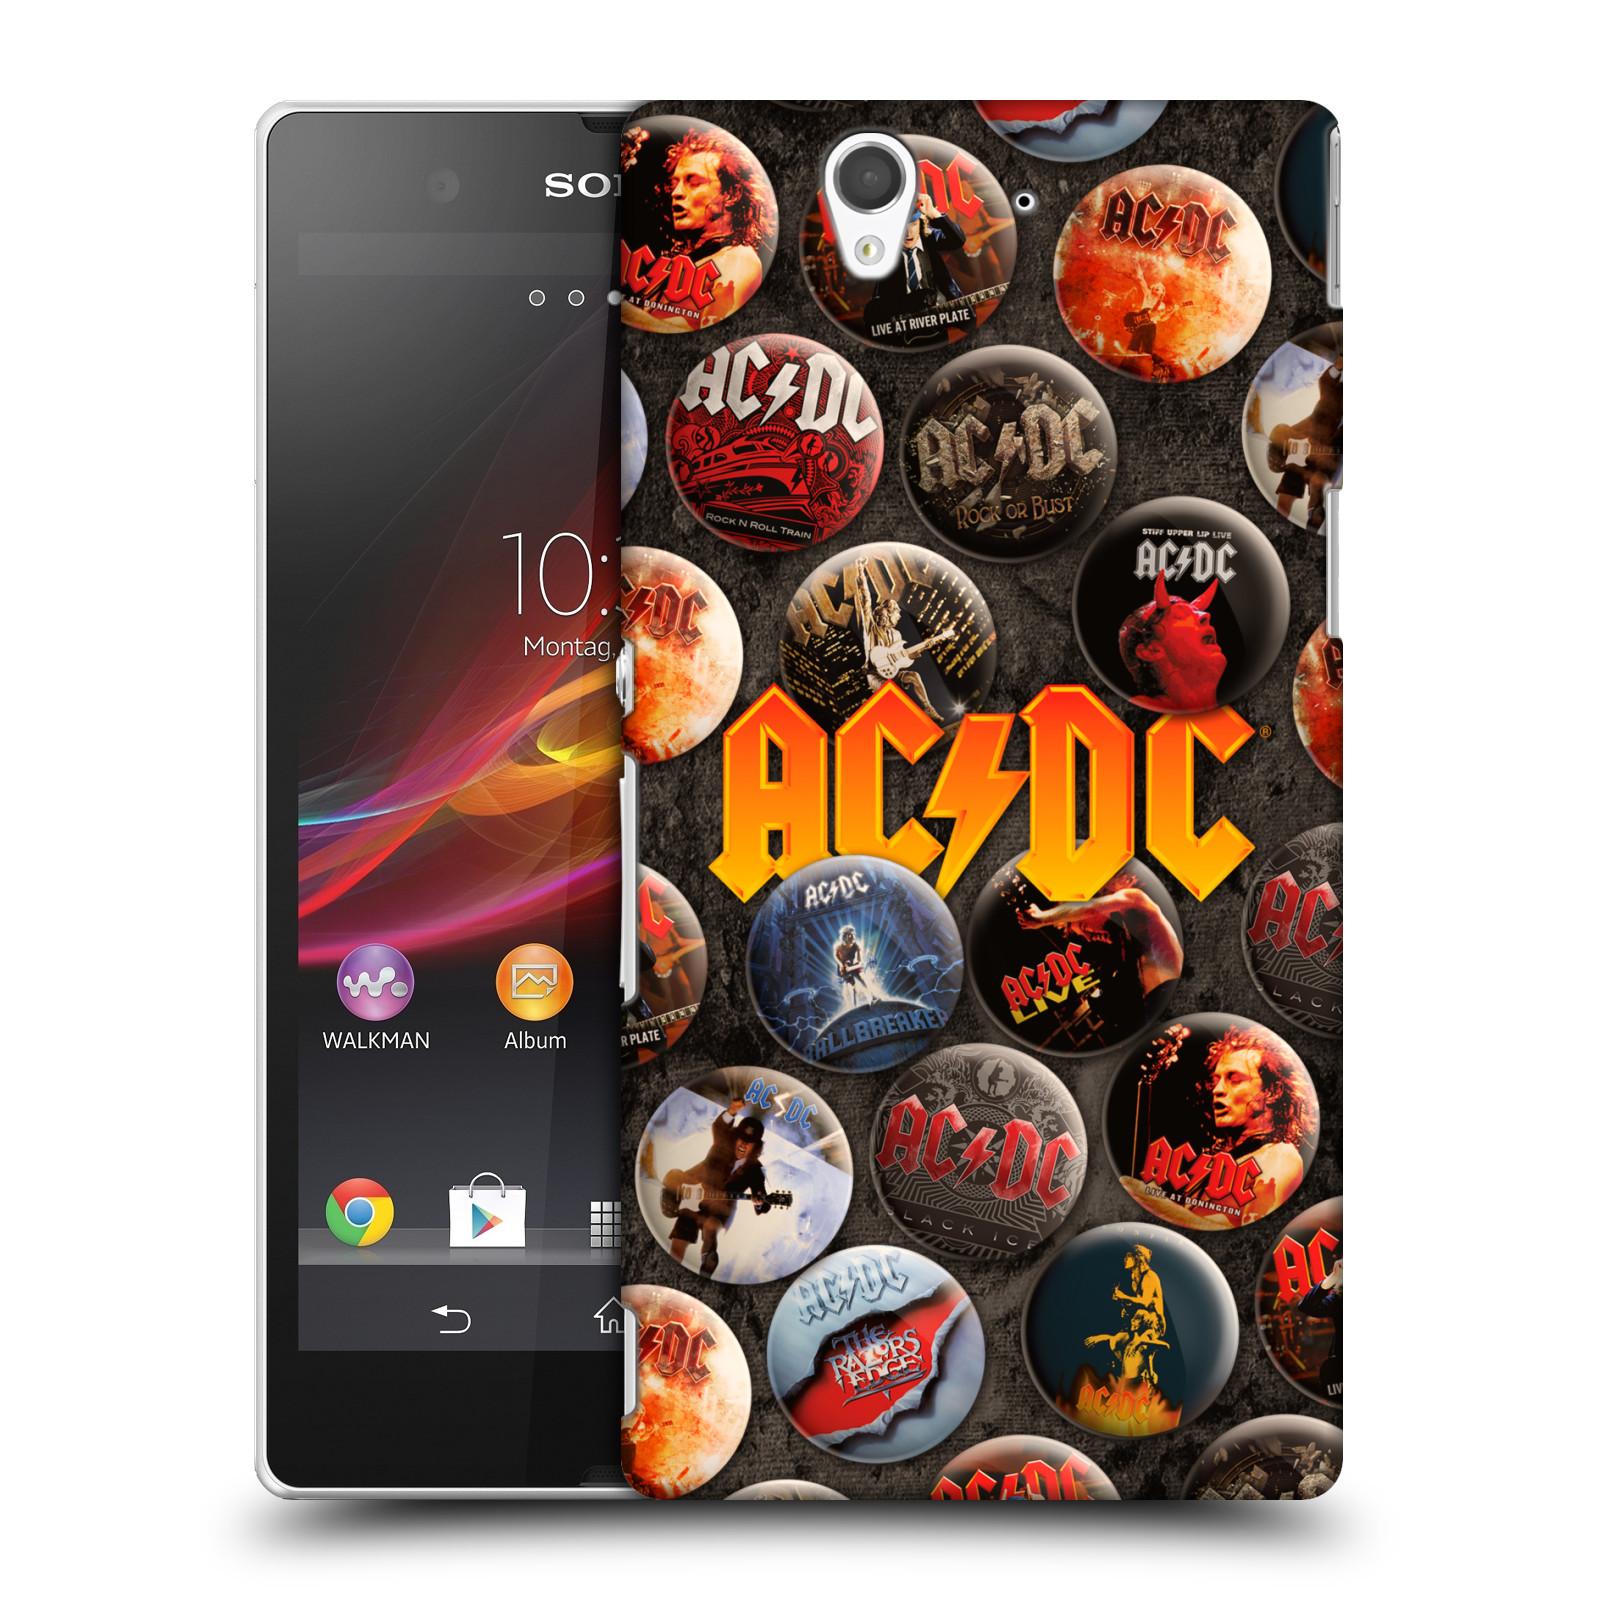 Plastové pouzdro na mobil Sony Xperia Z C6603 HEAD CASE AC/DC Placky (Plastový kryt či obal na mobilní telefon s oficiálním motivem australské skupiny AC/DC pro Sony Xperia Z)